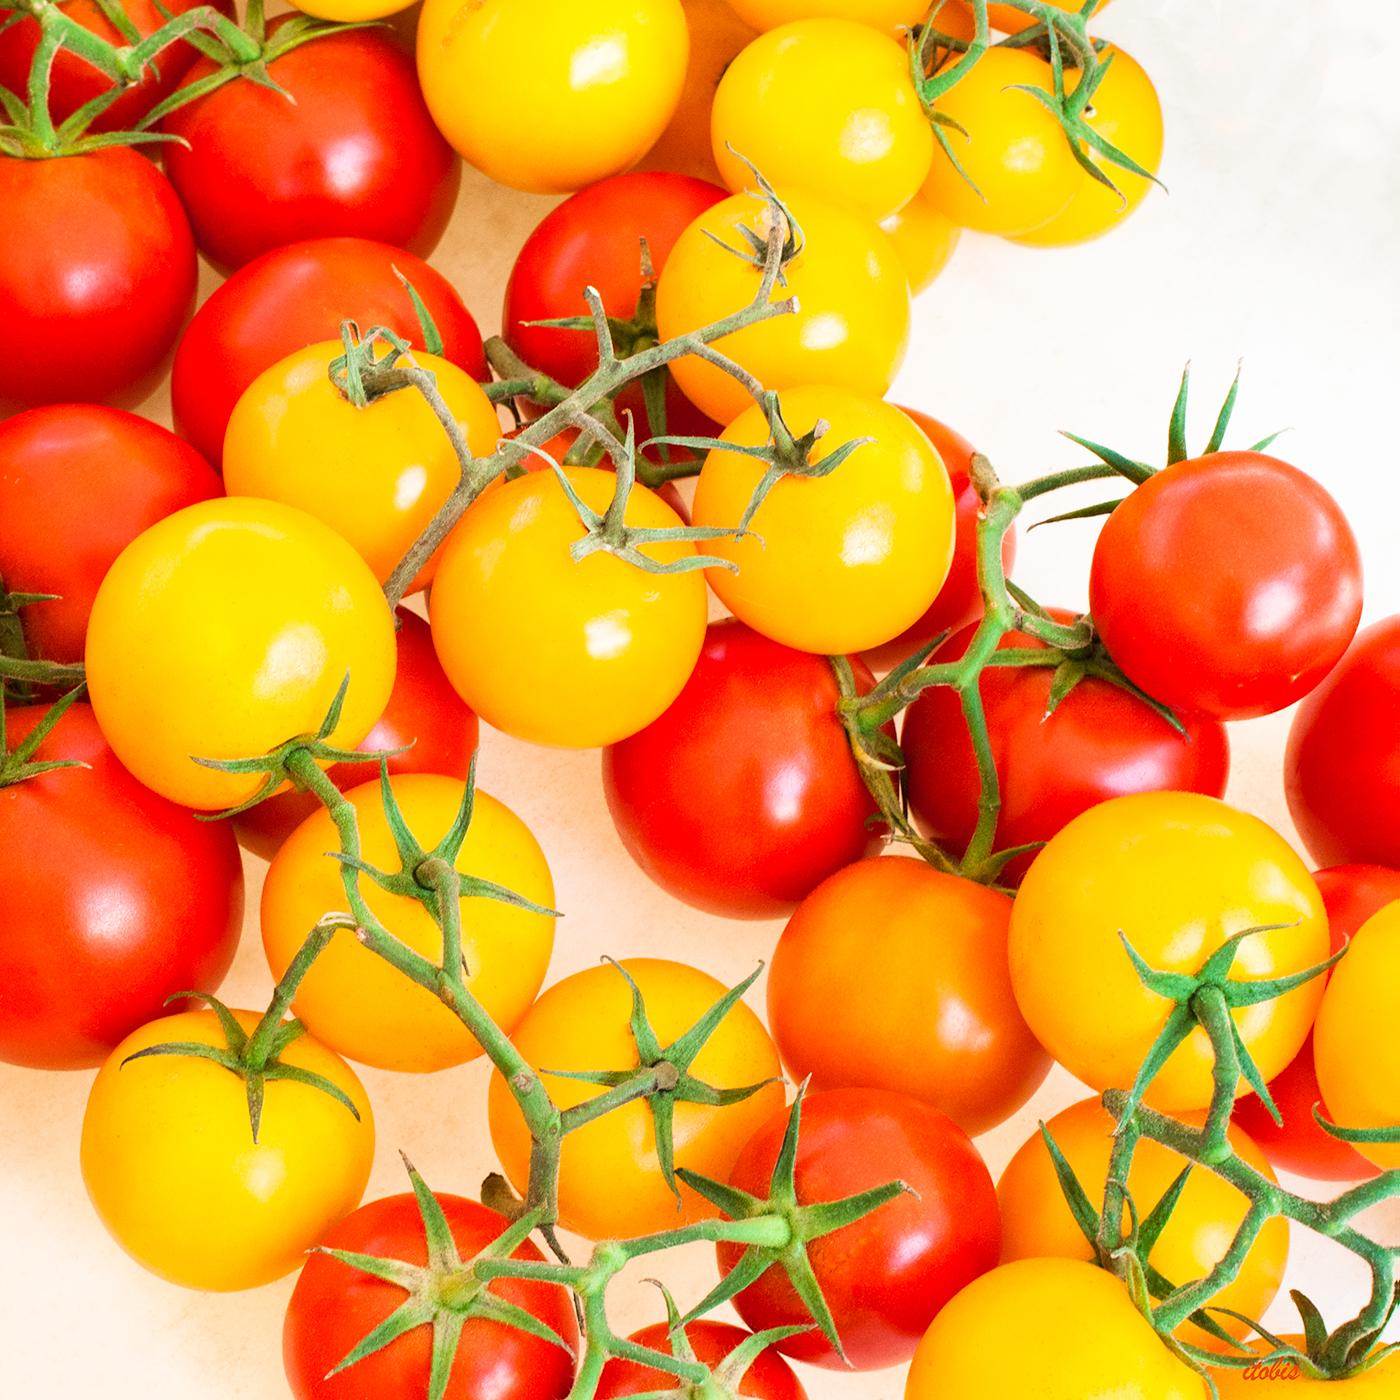 TomatoesontheVine